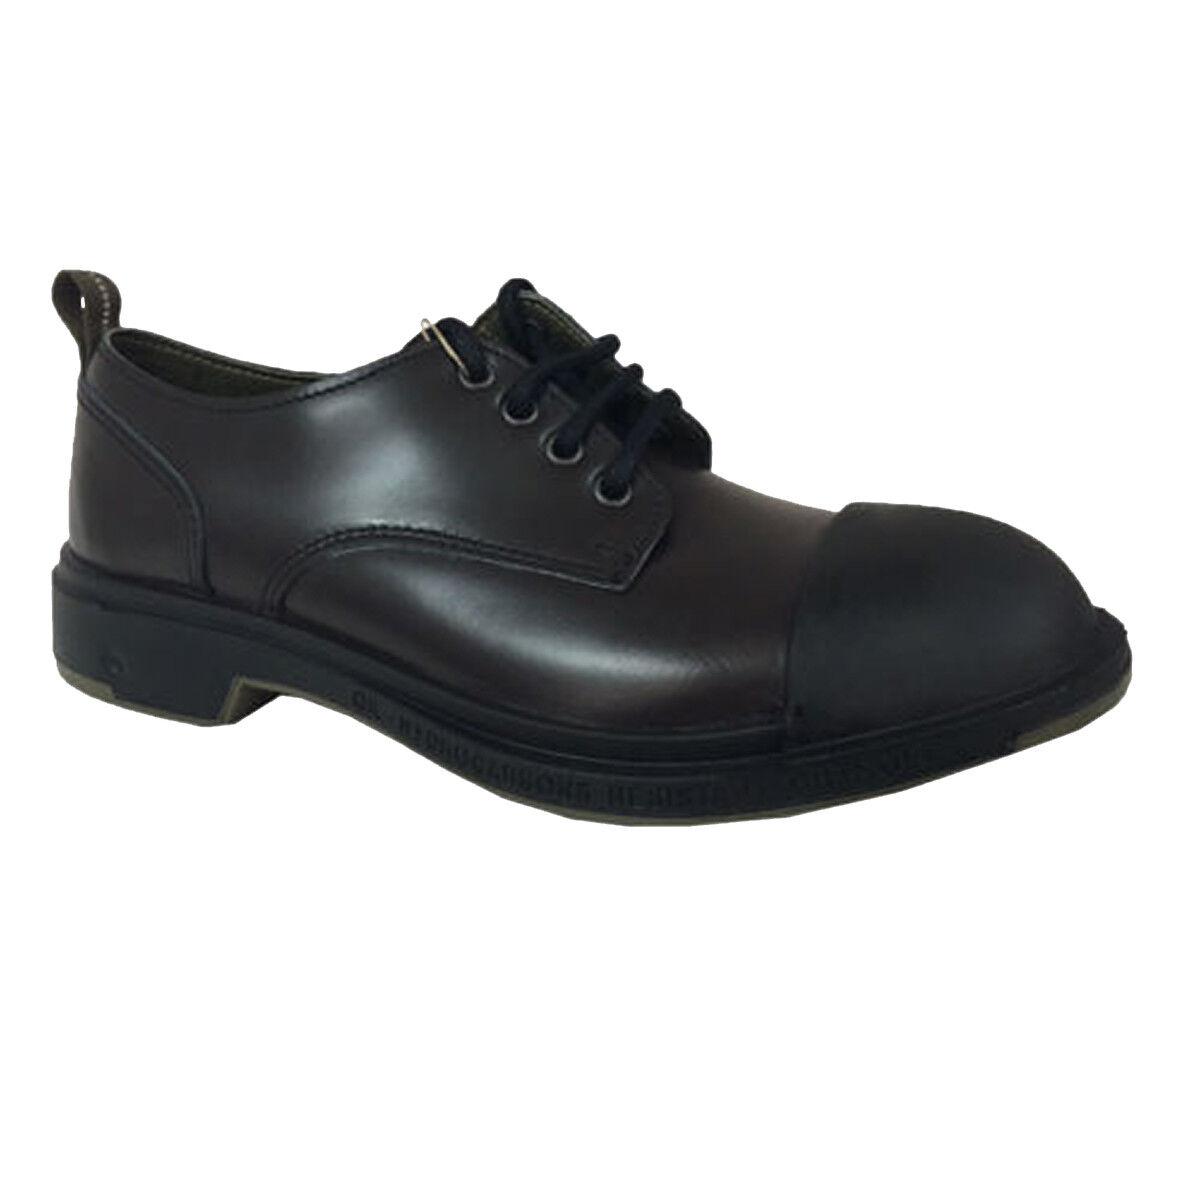 PEZZOL 1951 scarpa uomo moro/nera mod SCUD 042FZ-19 100% pelle suola in gomma